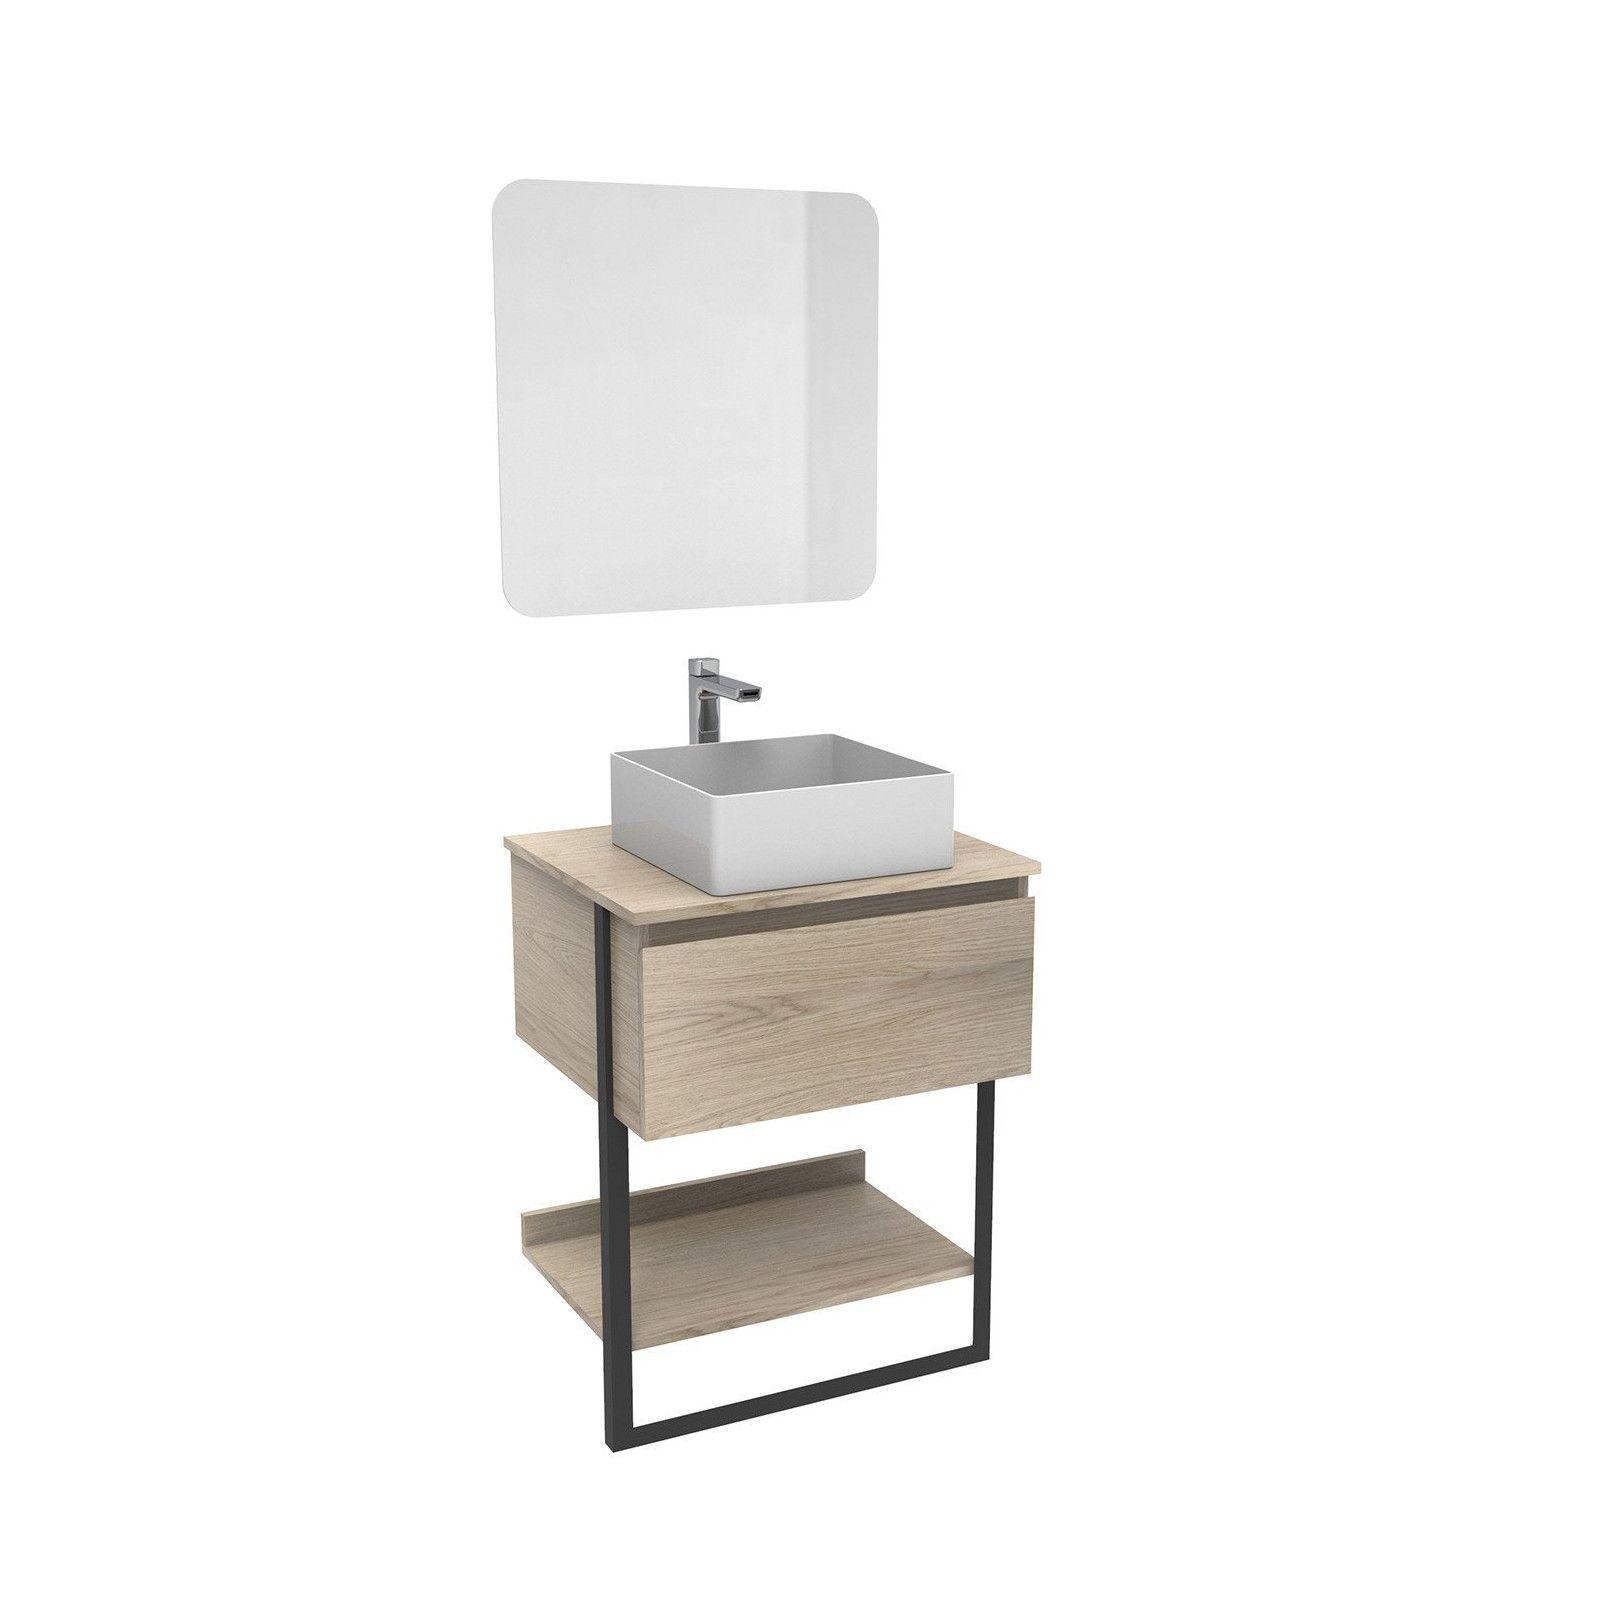 Ensemble de Salle de bain NINA Meuble 60CM + Vasque COMA + Miroir